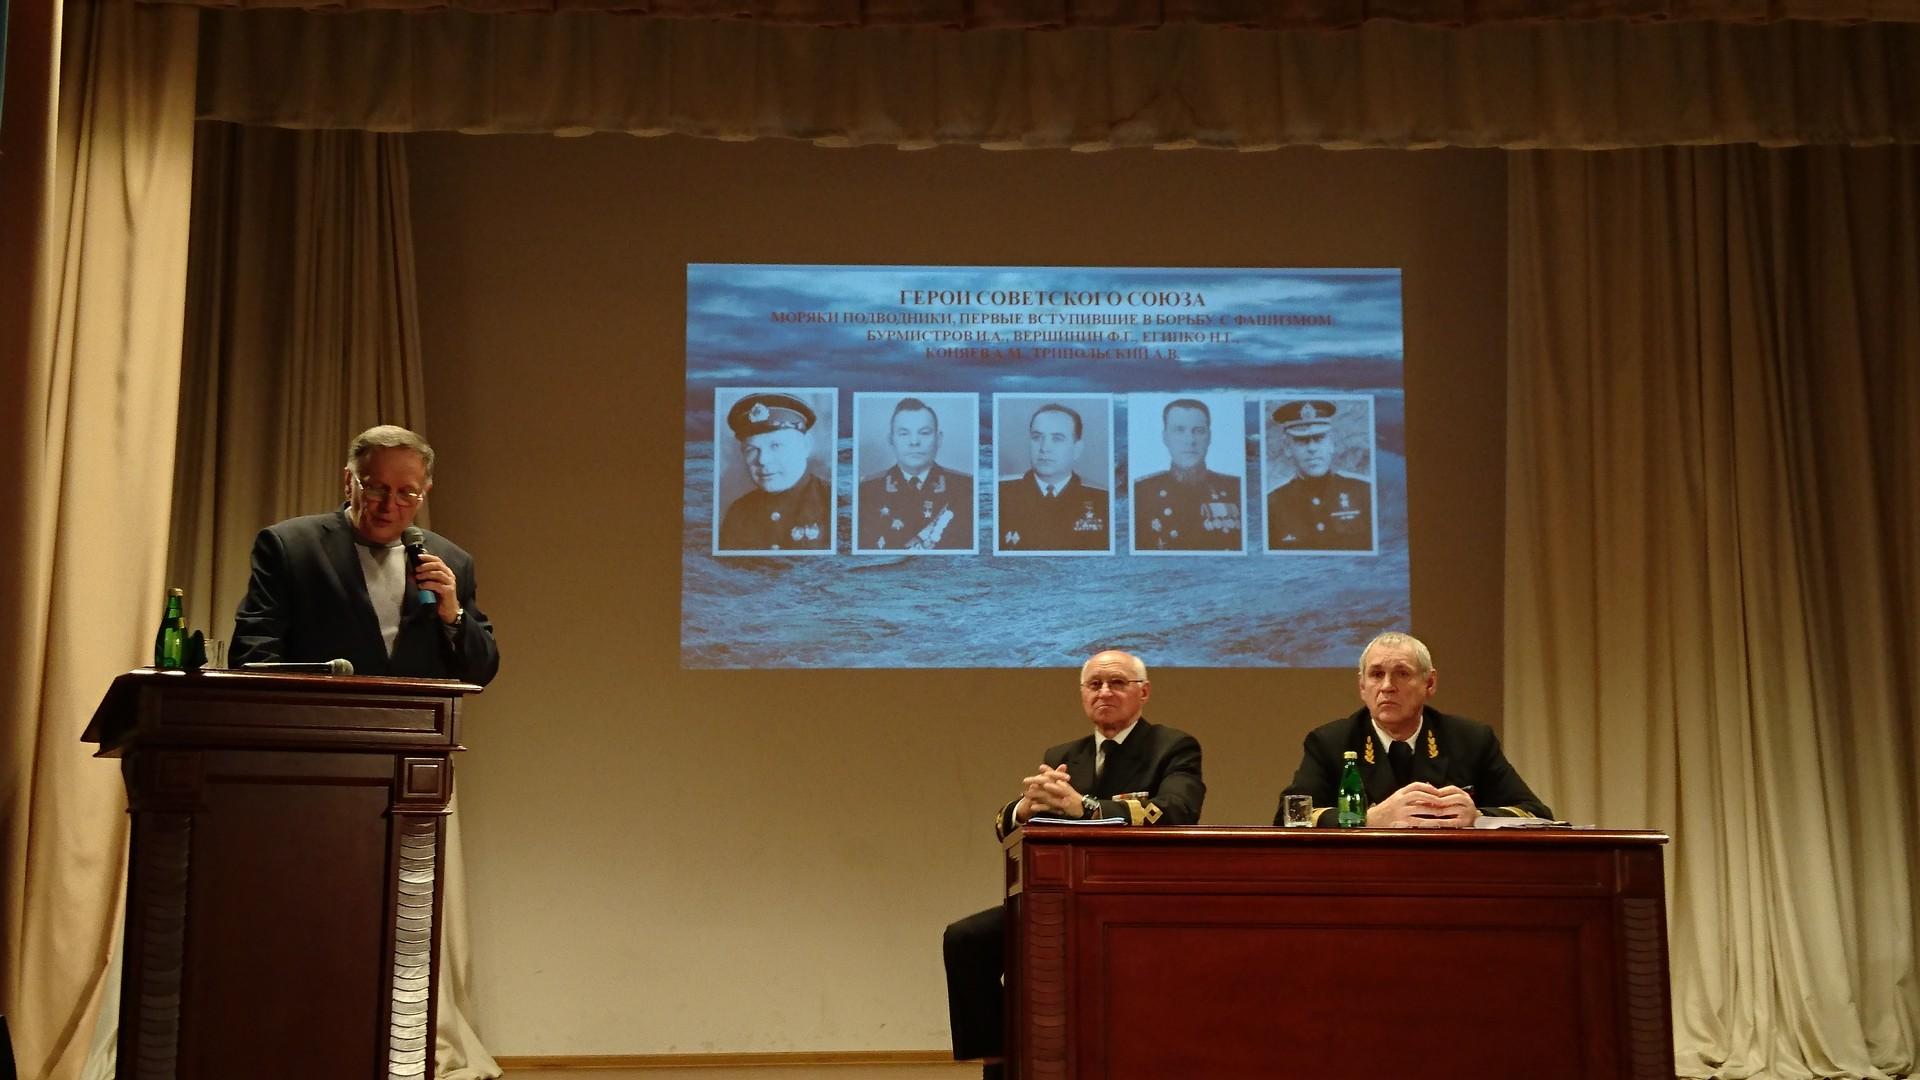 Морской венок славы: моряки на службе Отечеству